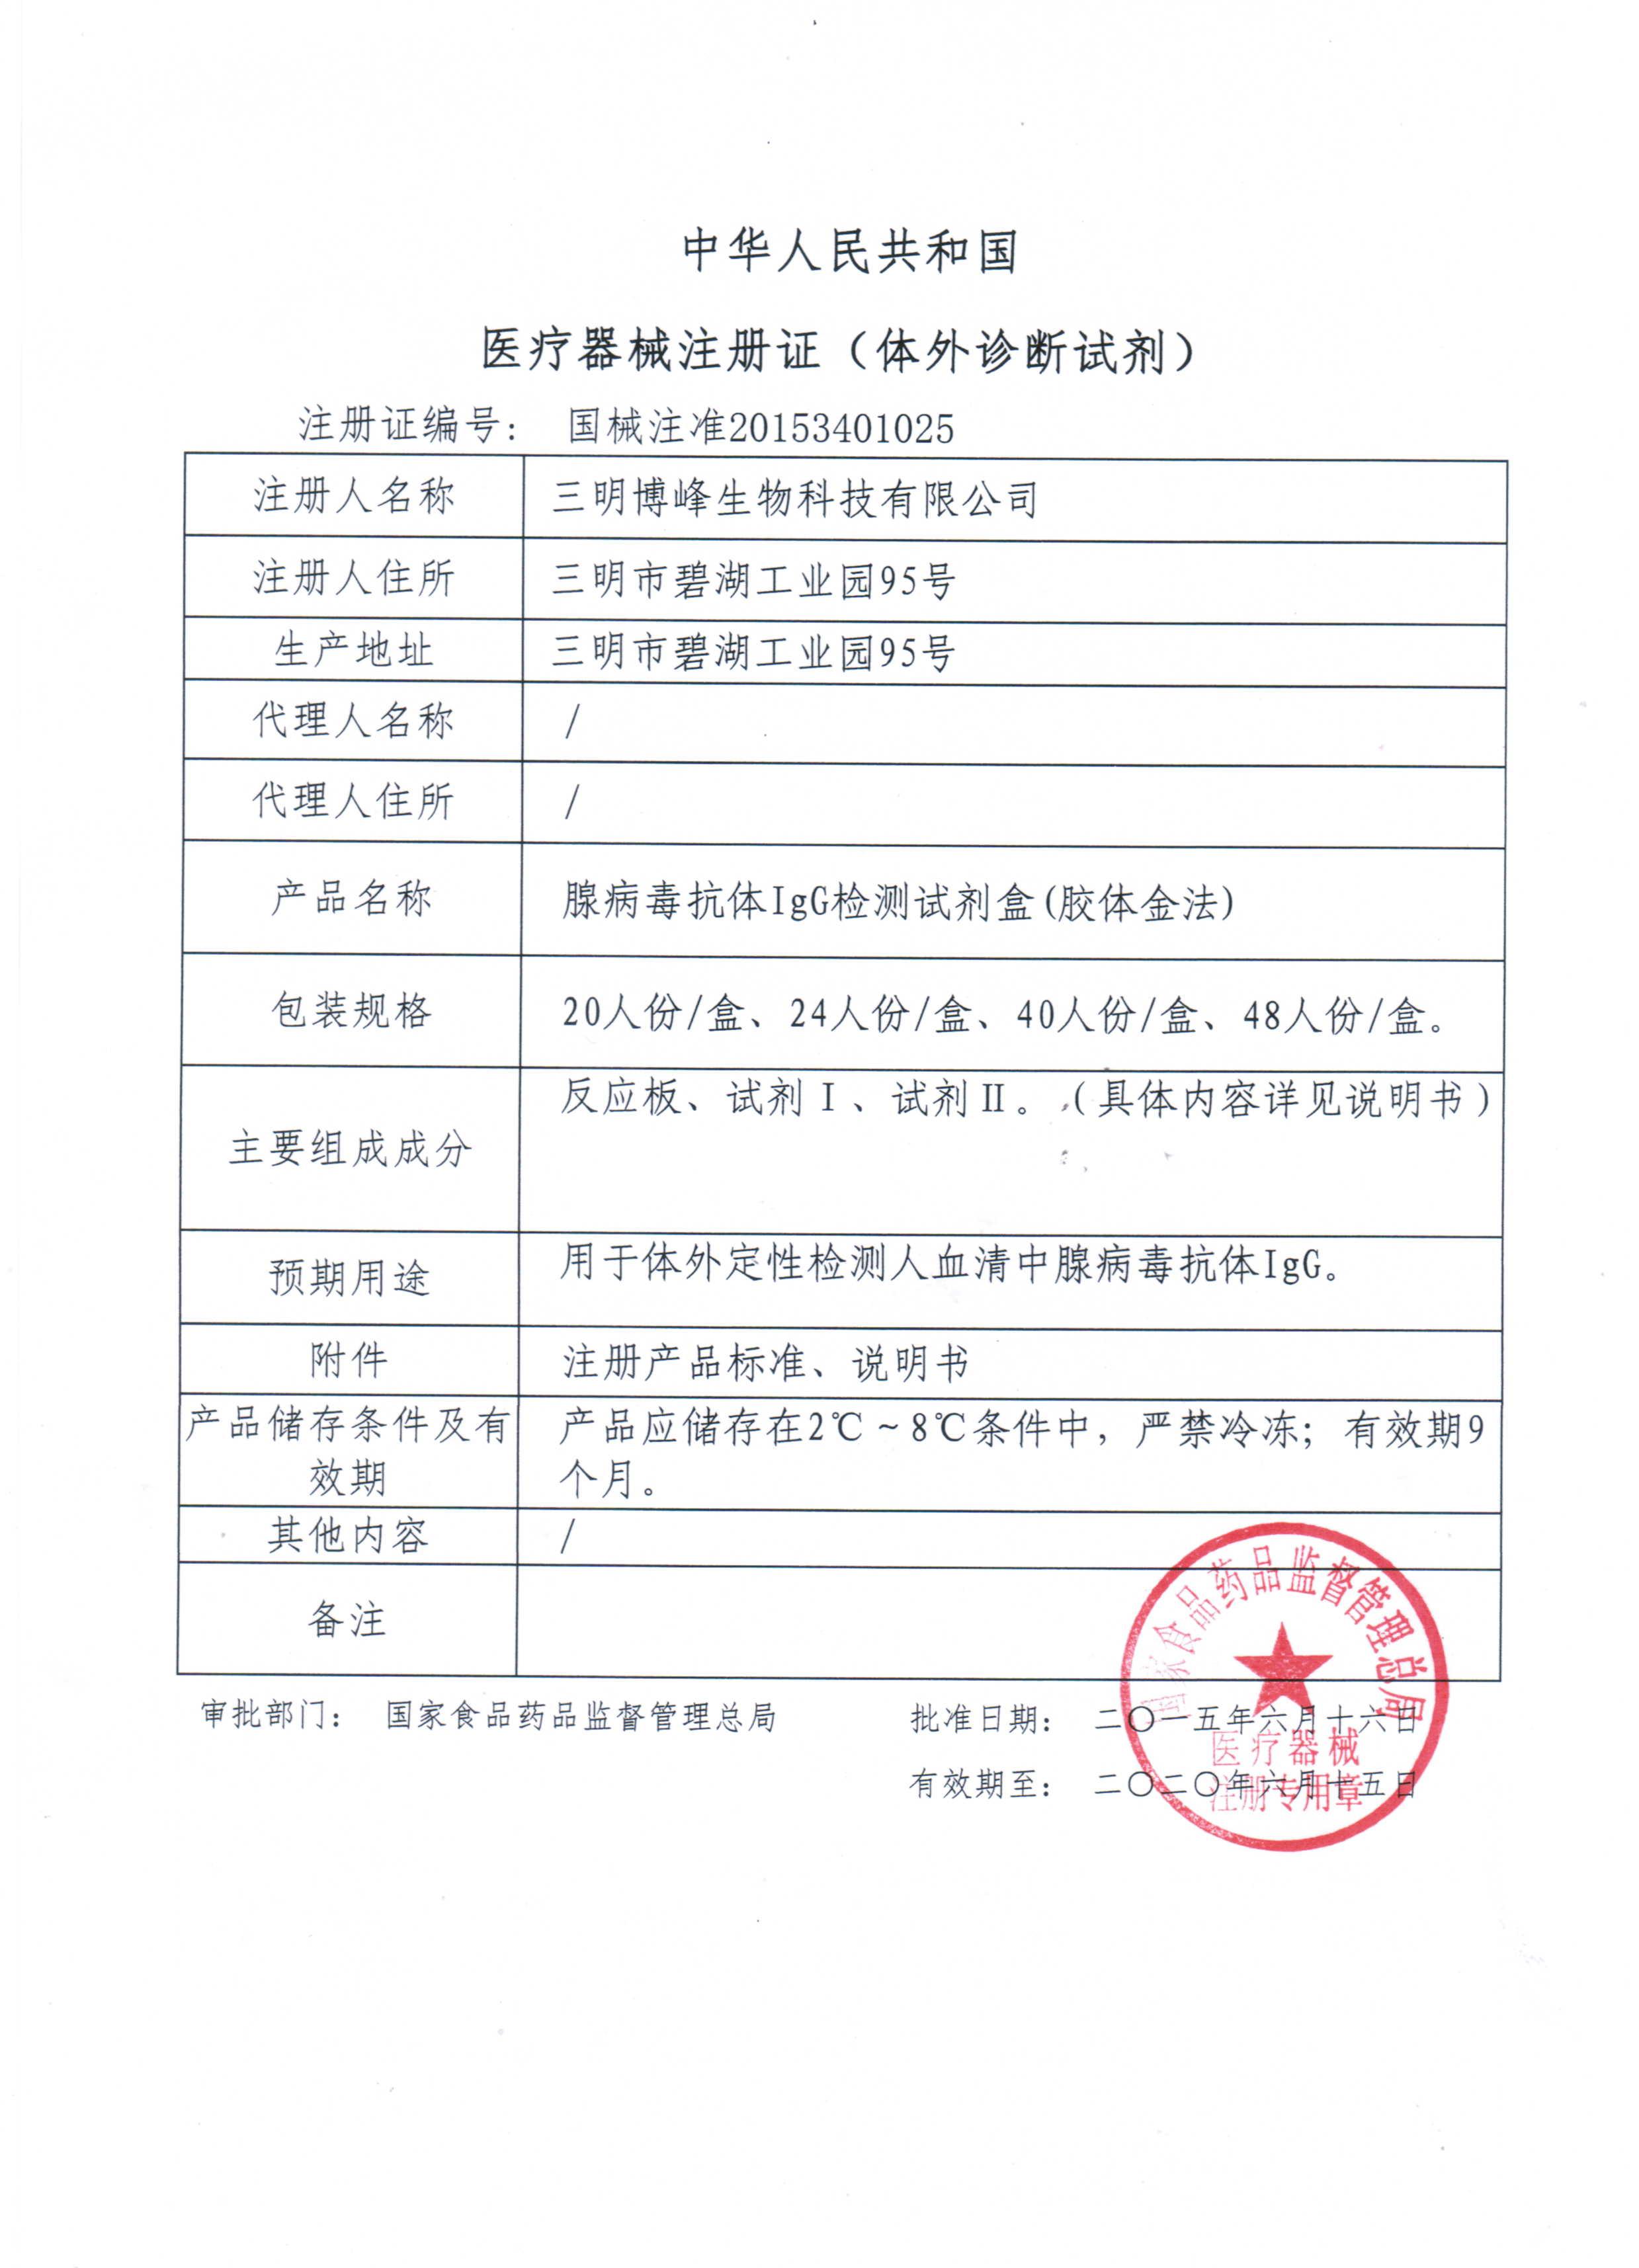 6.腺病毒抗体IgG检测试剂盒(胶体金法)注册证.JPG